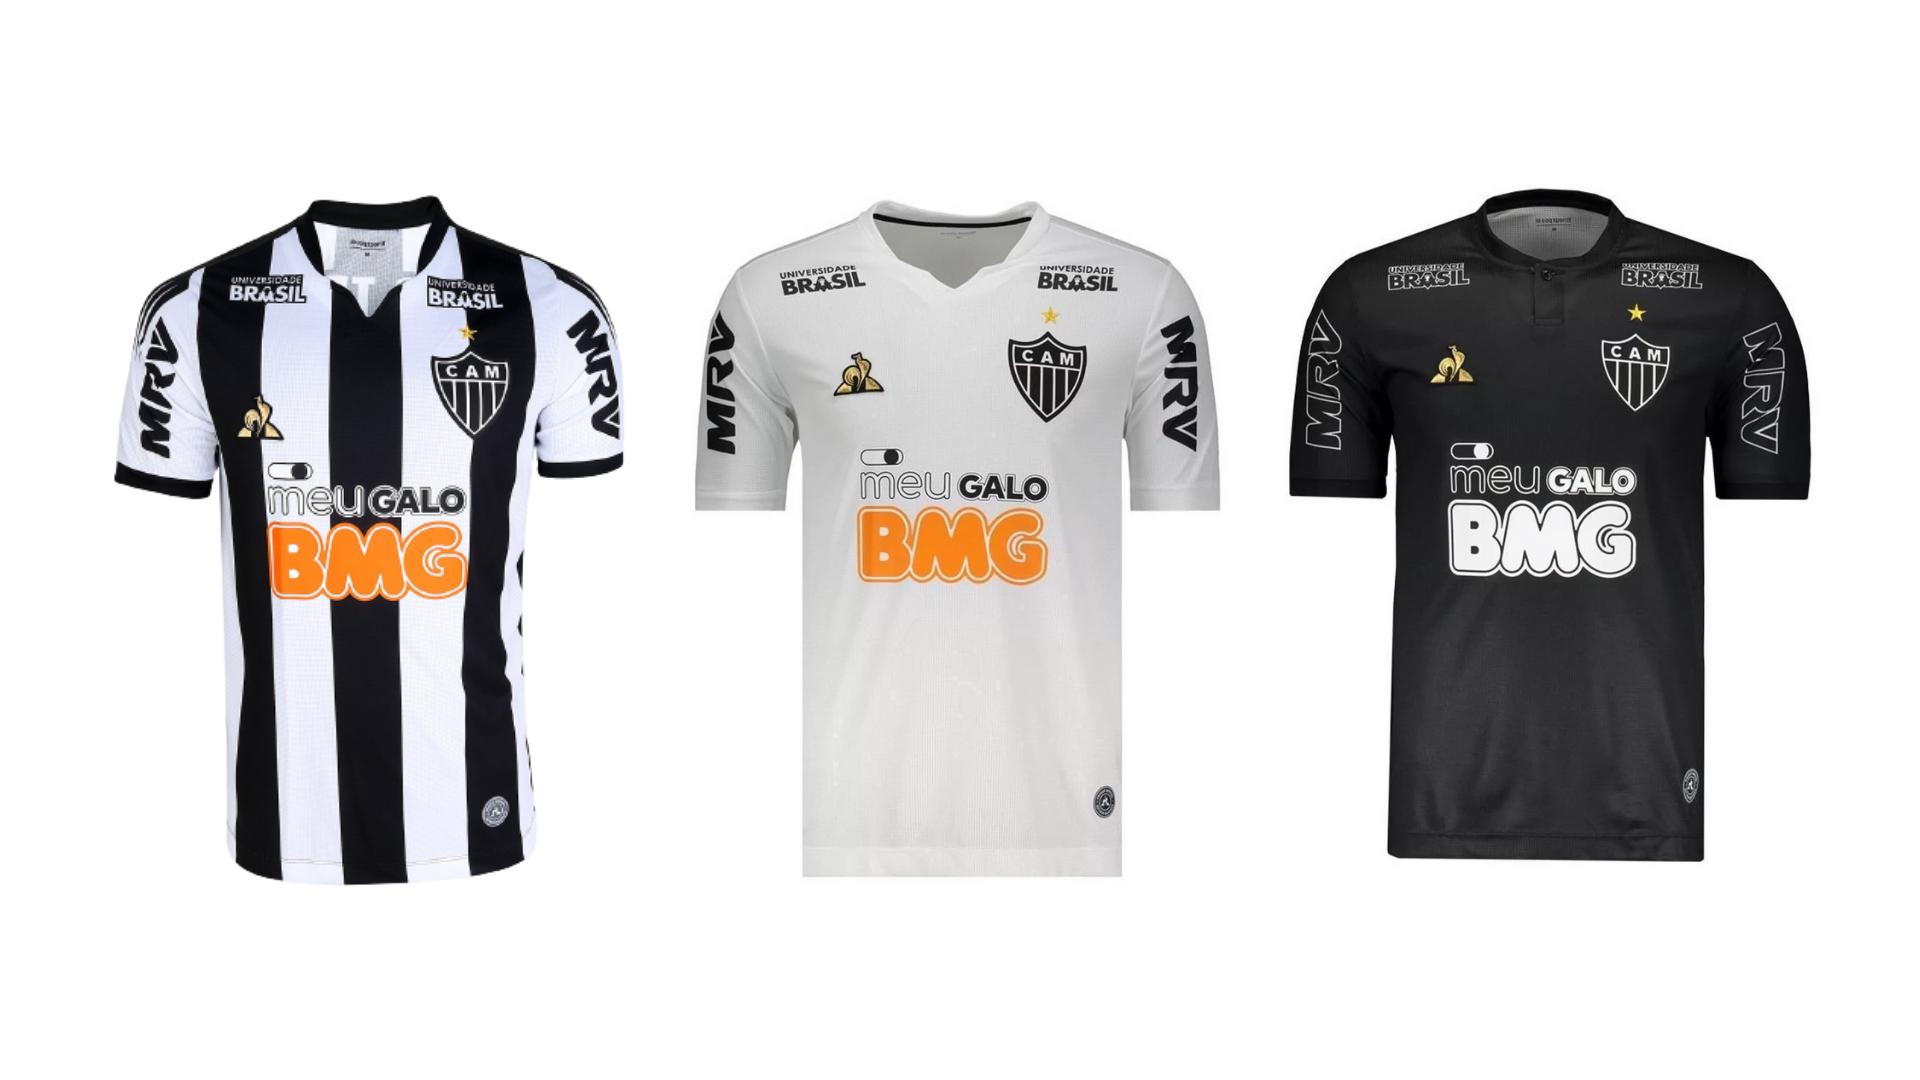 Camisa do Galo 2019 Le Coq Sportif Jogo 1, 2 e 3 (Imagem: Divulgação/Le Coq Sportif)